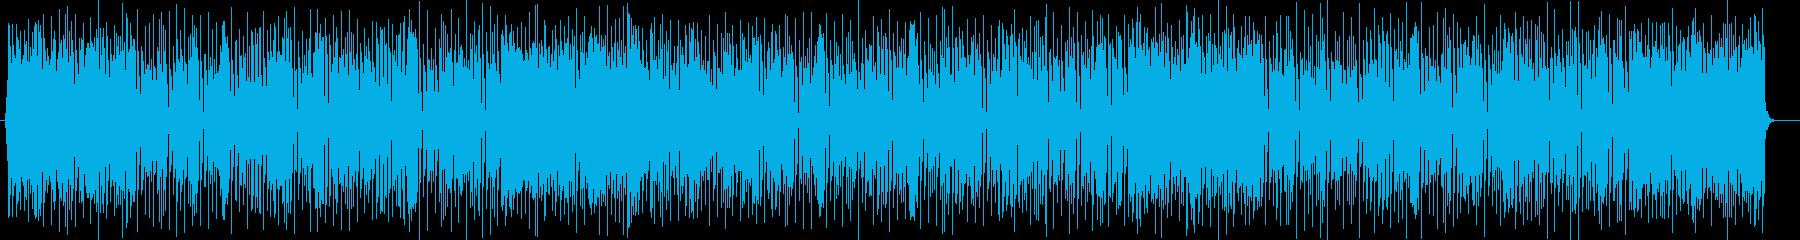 ファンタジーなシンセサイザーポップの再生済みの波形